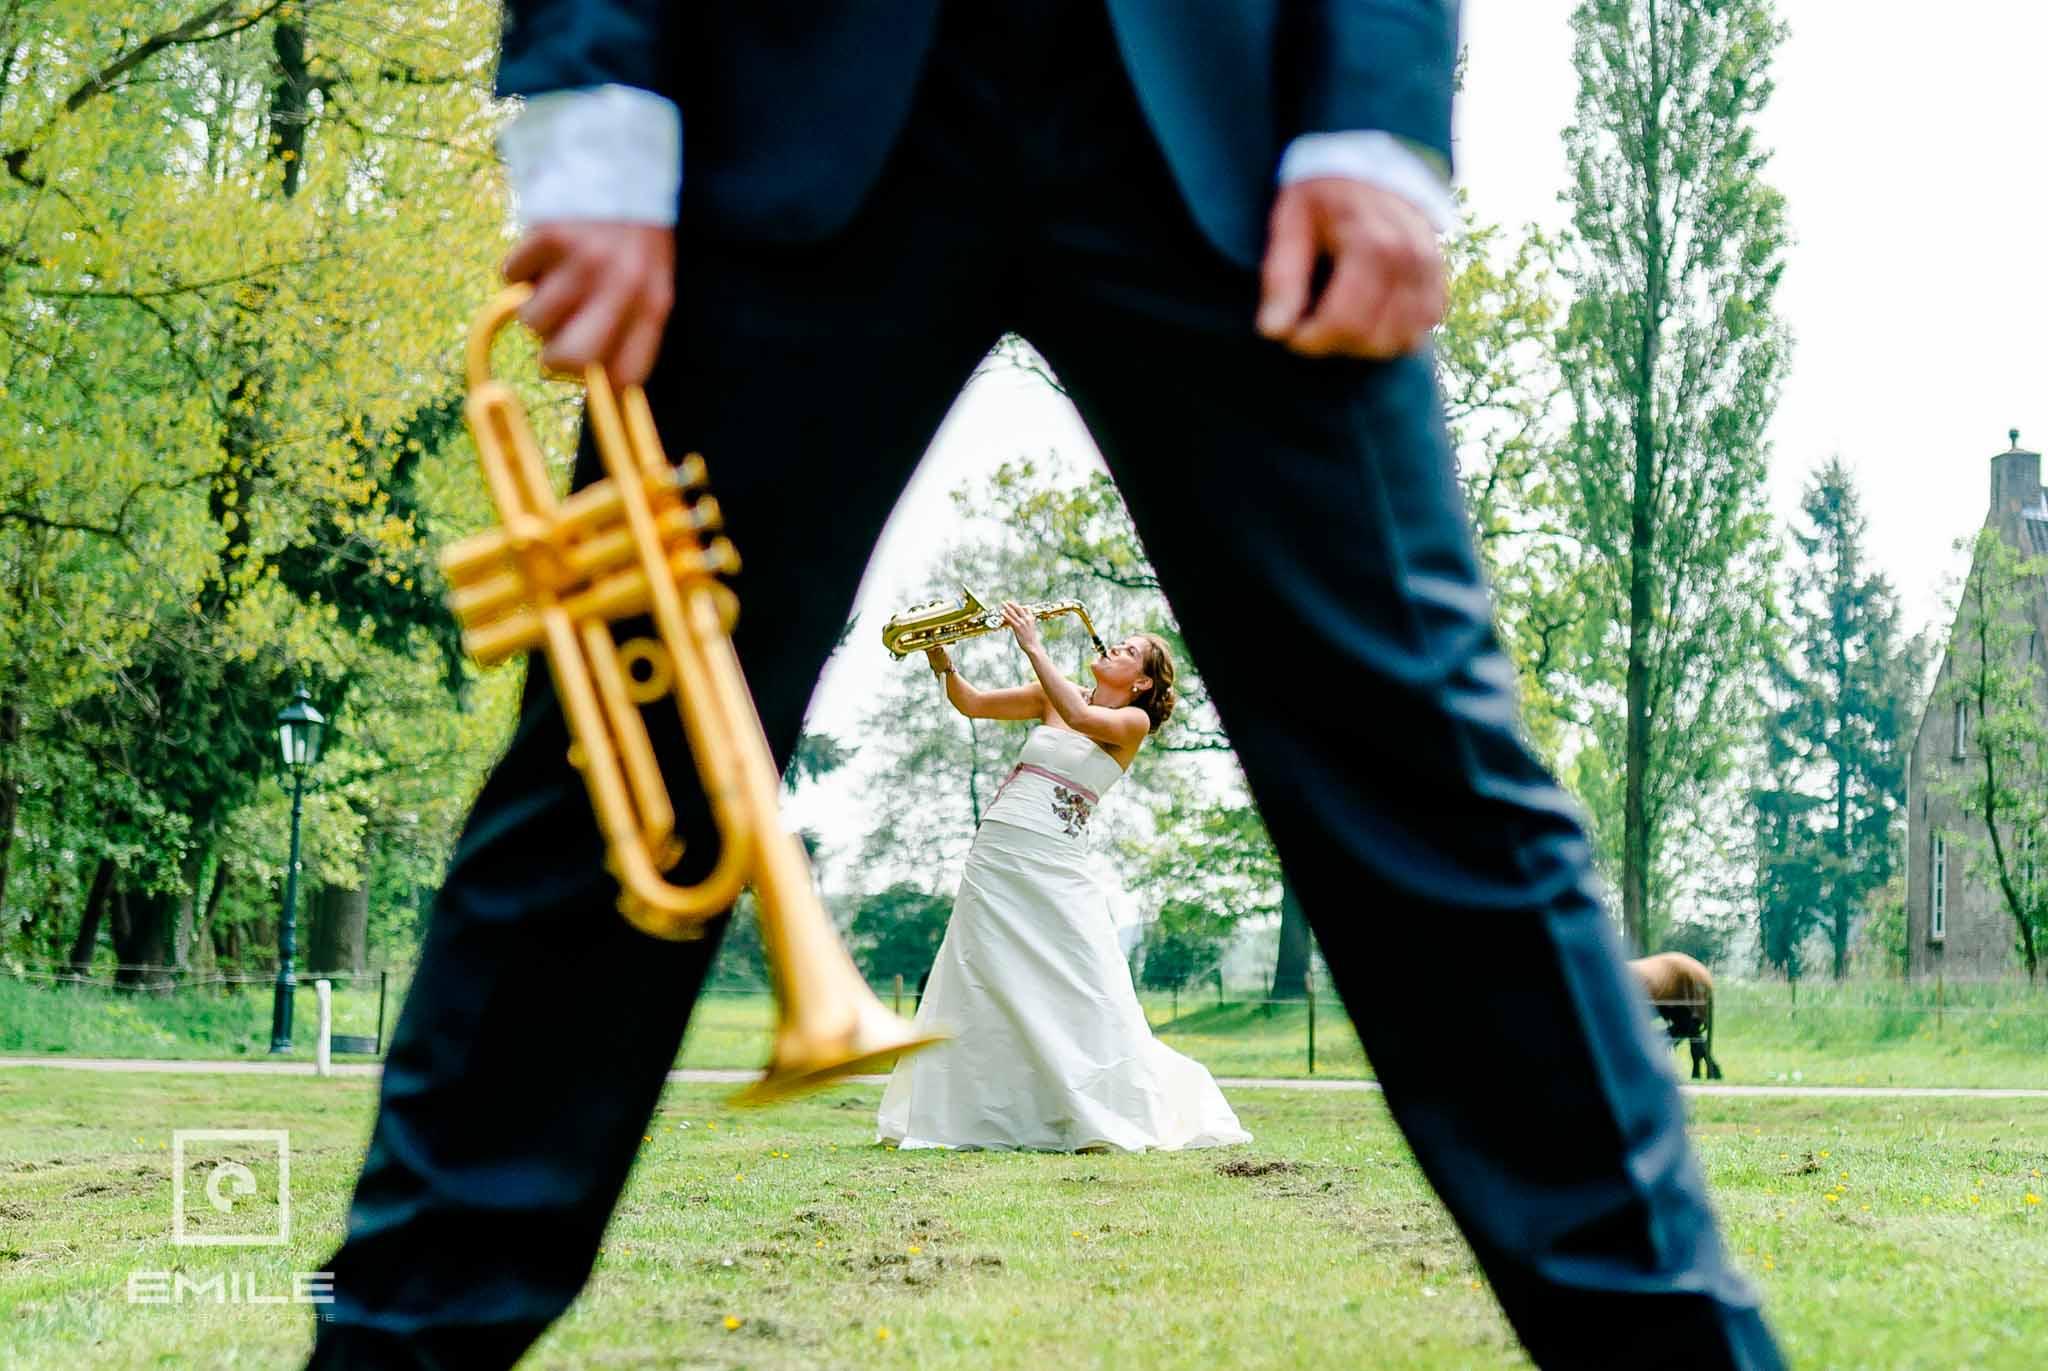 Bruid met saxofoon en bruidegom met trompet. Met de muziekinstrumenten in de wei van Kasteel Daelenbroeck Herkenbosch